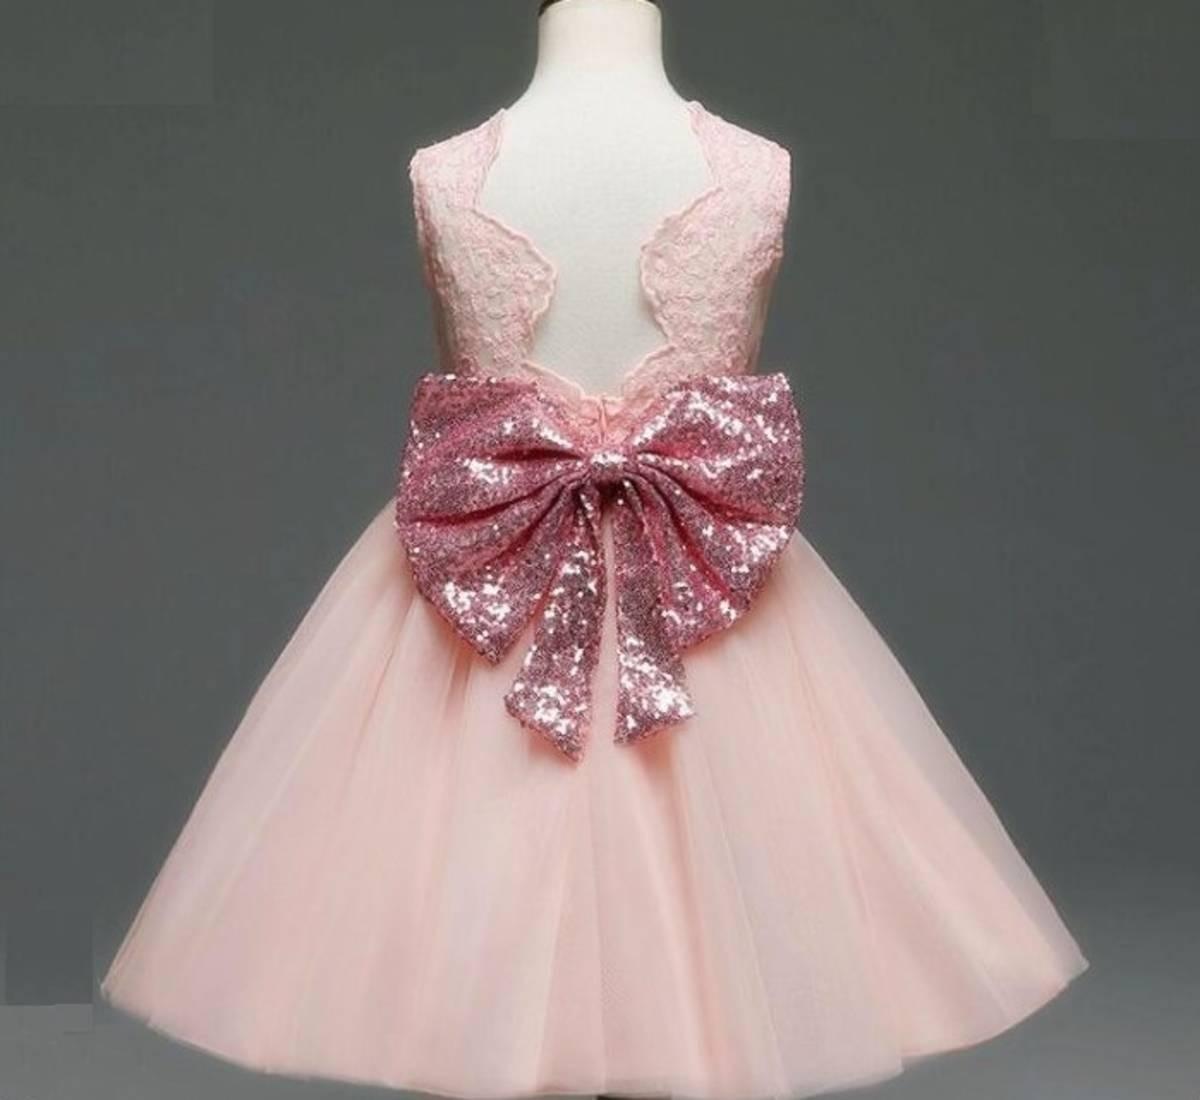 909c8597b7 vestido festa infantil renda luxo 1 a 2 anos com laço. Carregando zoom.